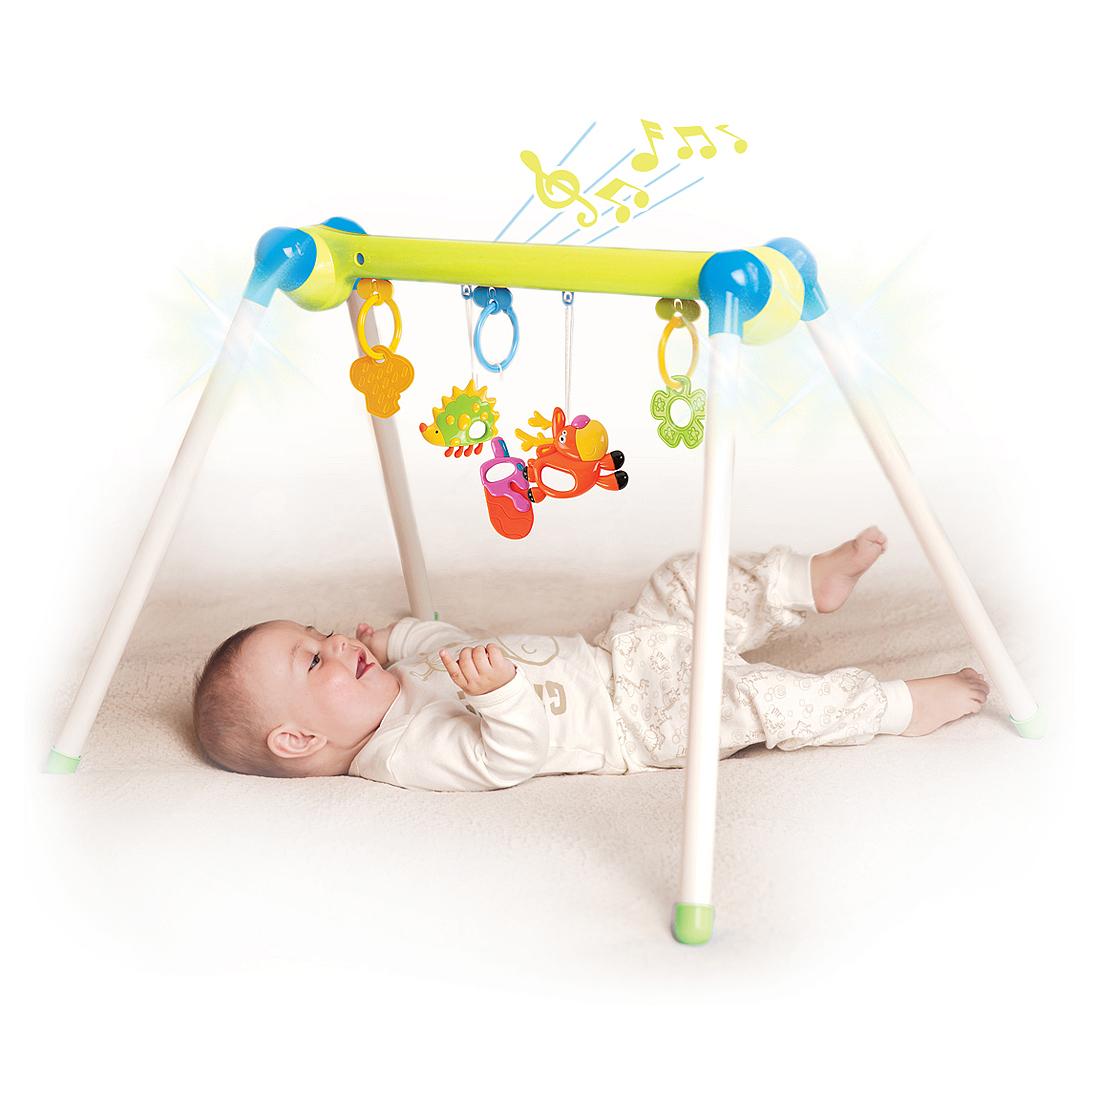 Купить Развивающие игрушки для малышей, Первые занятия гимнастикой, 1шт., Жирафики 632736, Китай, белый, зеленый